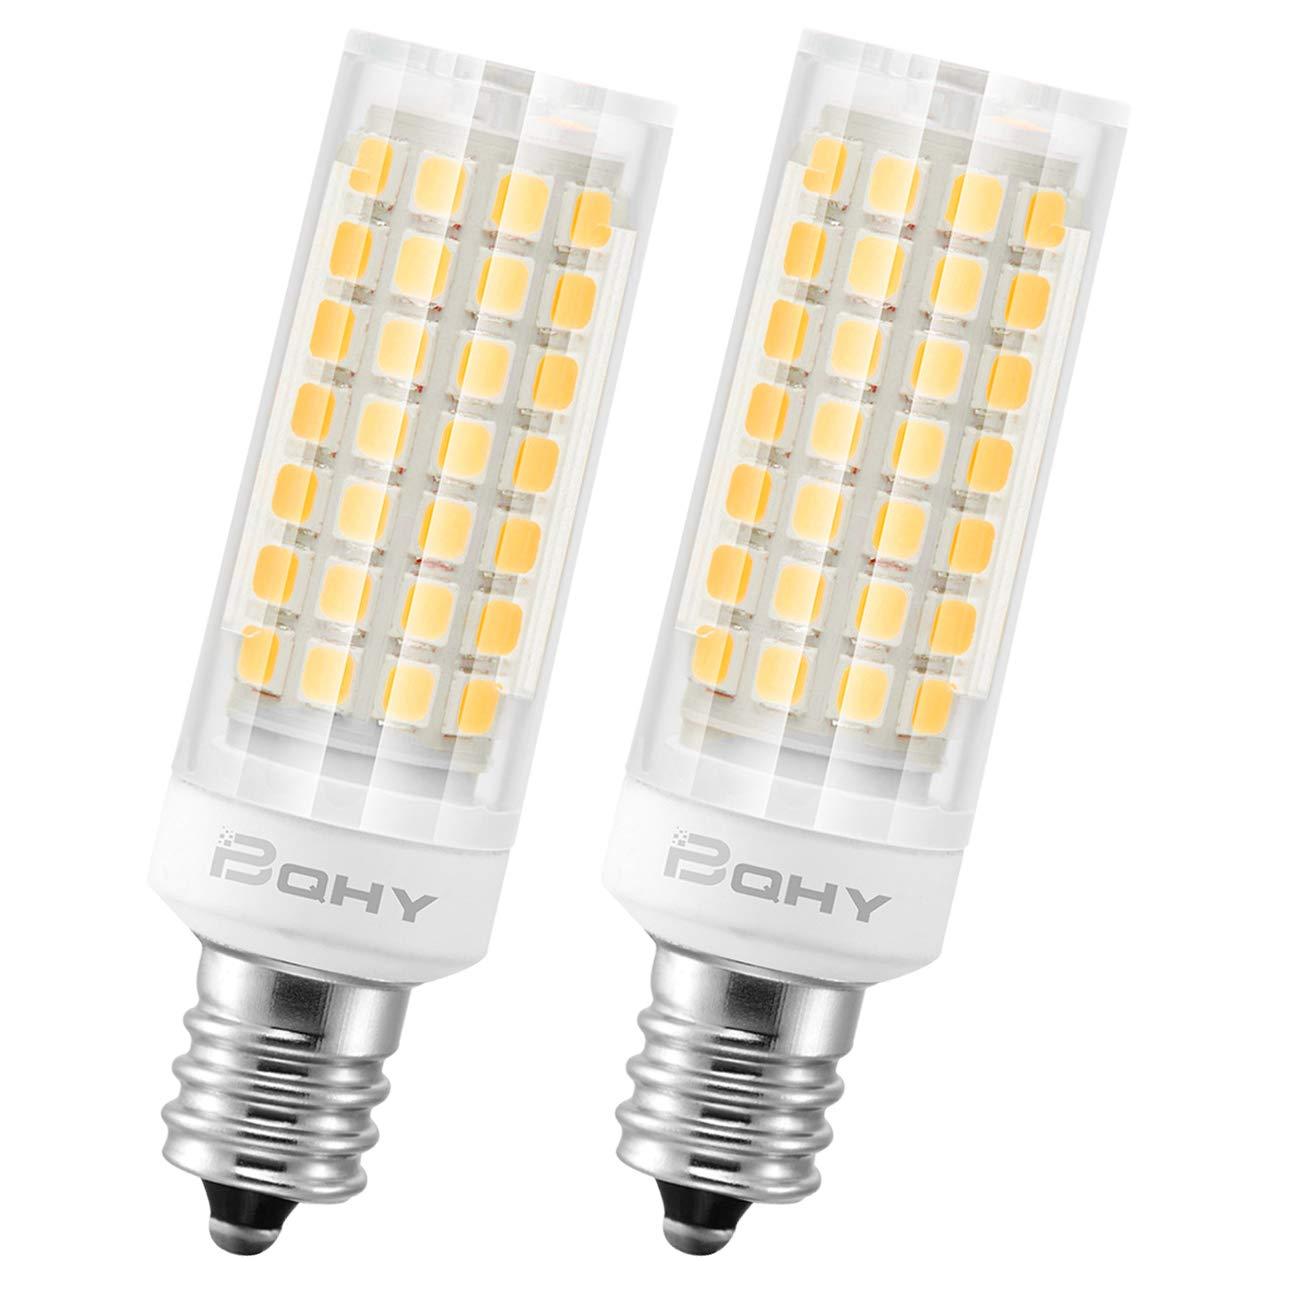 BQHY E12 LED Lampe, 6W LED Birnen, Ersatz für 75W Halogen Lampen, Nicht dimmbar,360 Abstrahlwinkel Tageslichtweiß 6000K AC85-265V 650lm CRI >90, 2 Pack